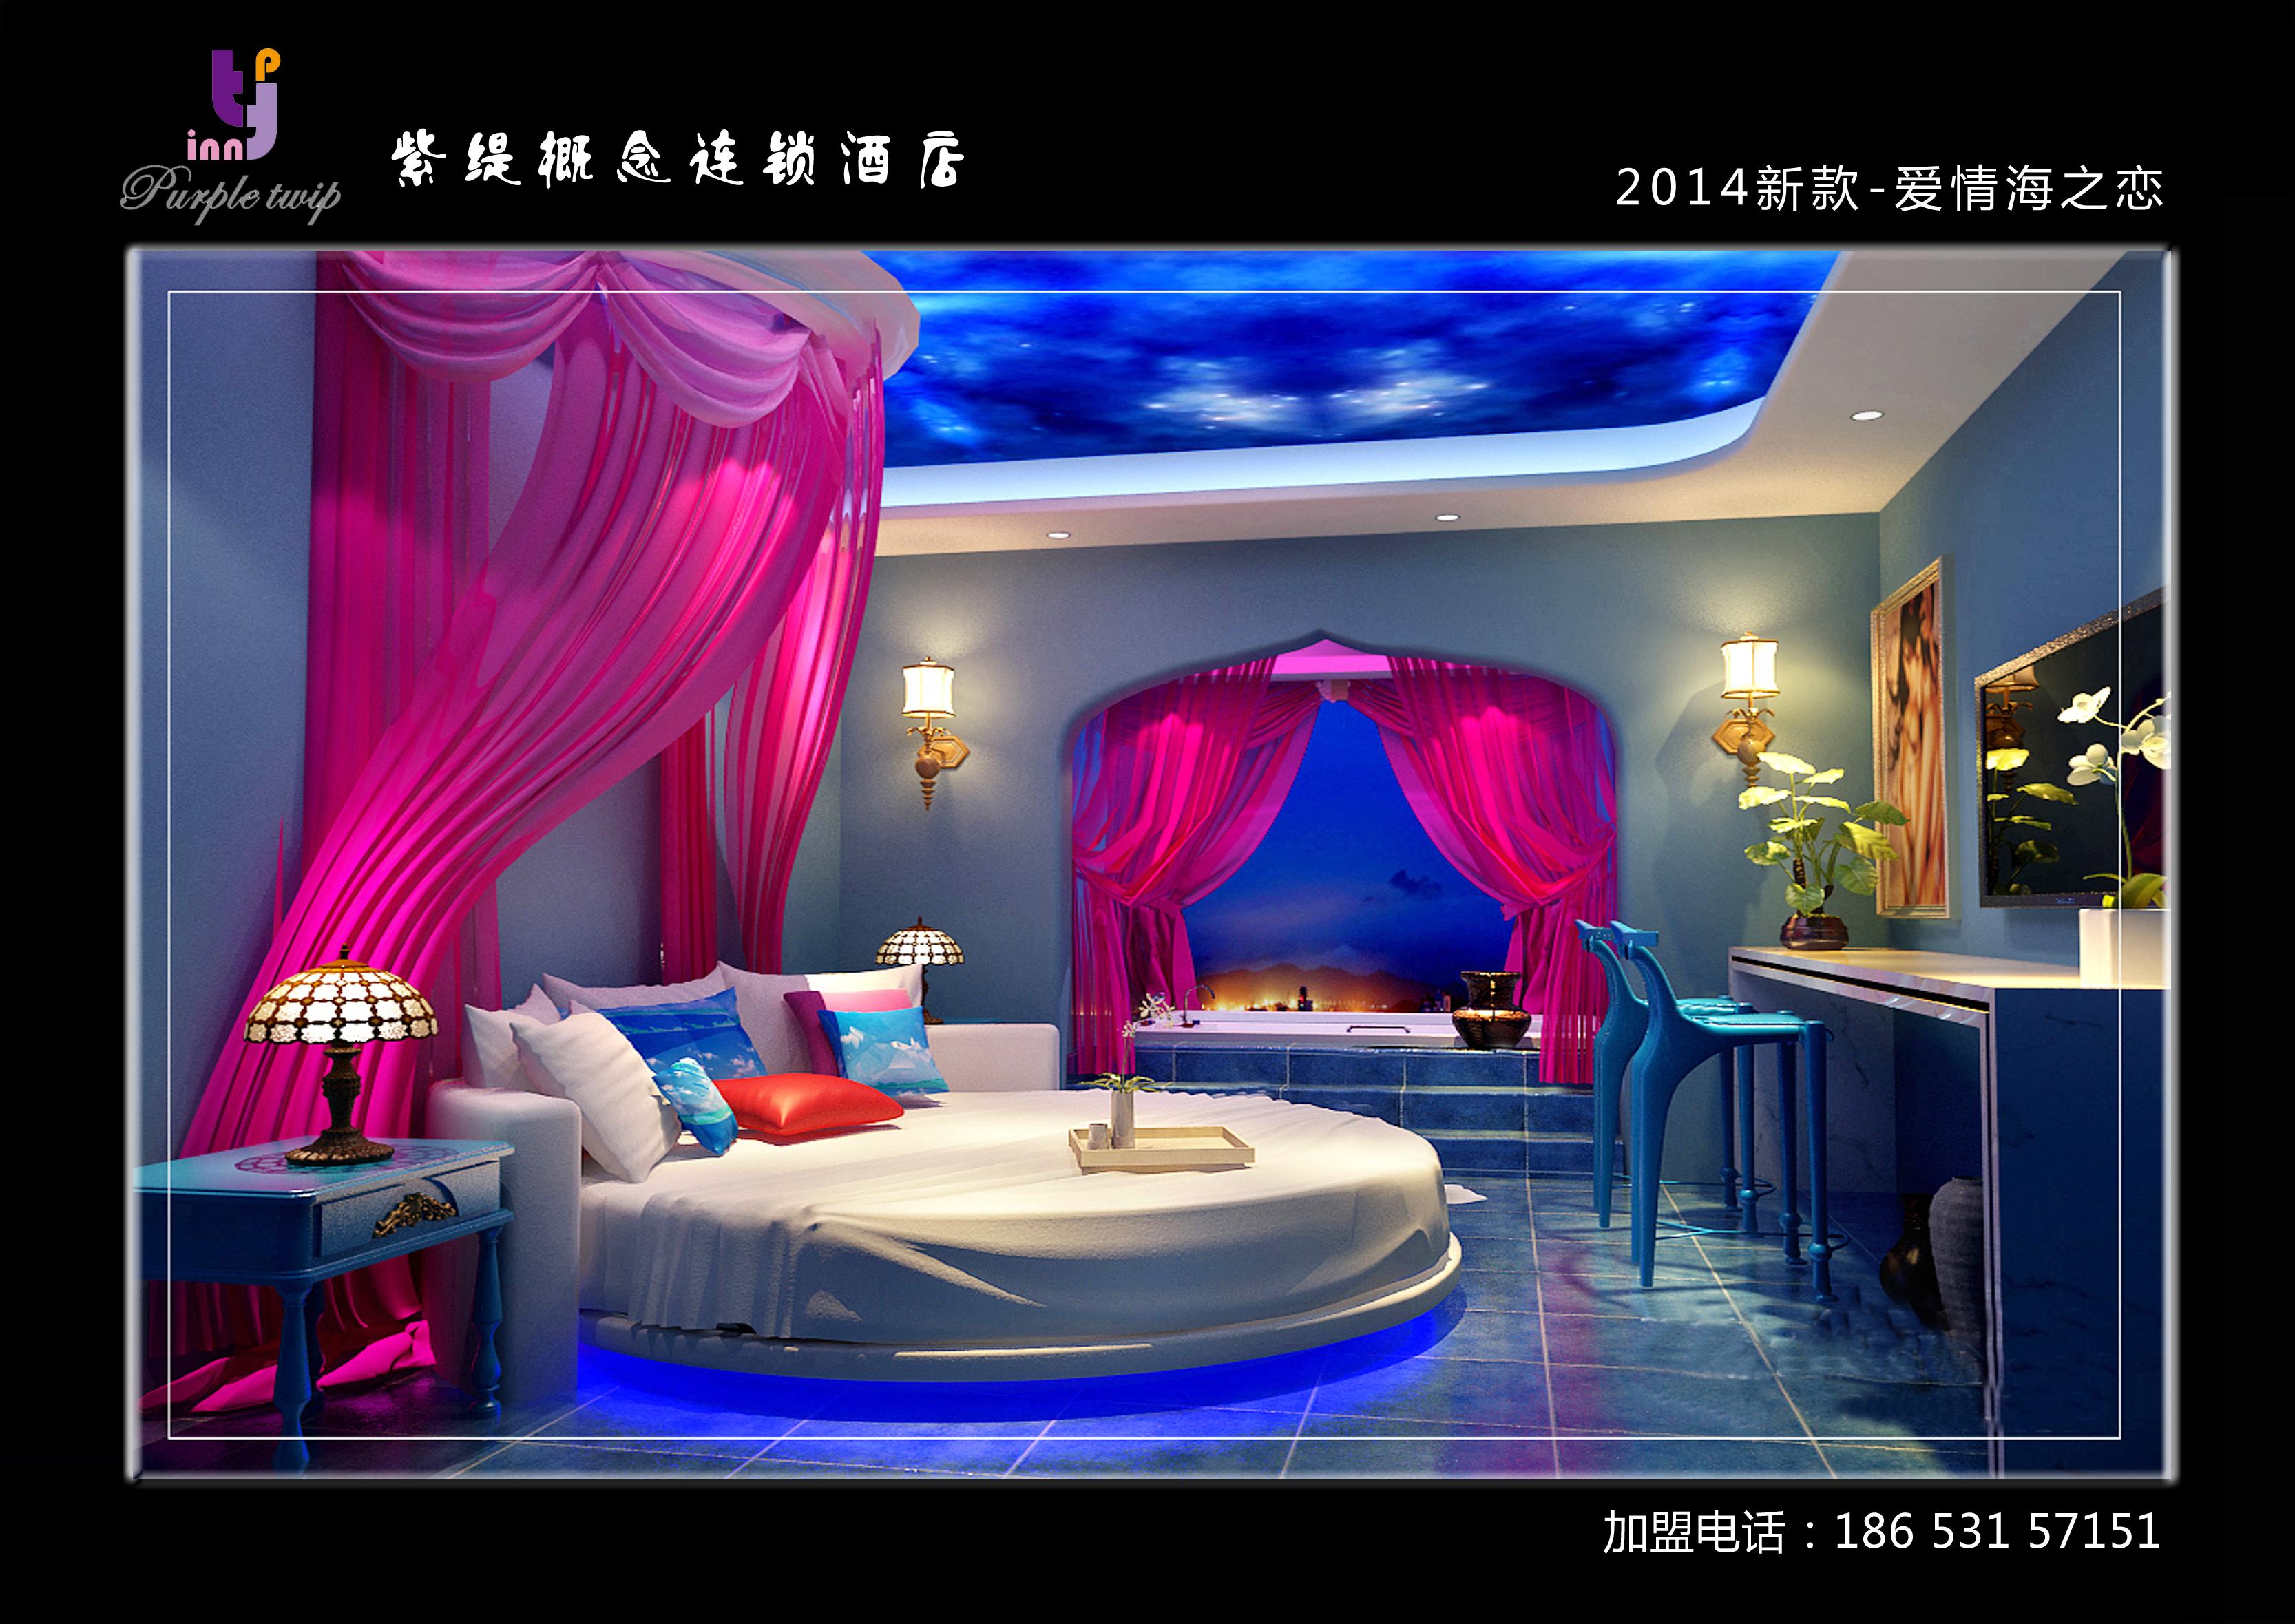 酒店开放式客房概念啥意思 ……   酒店经营管理策略.